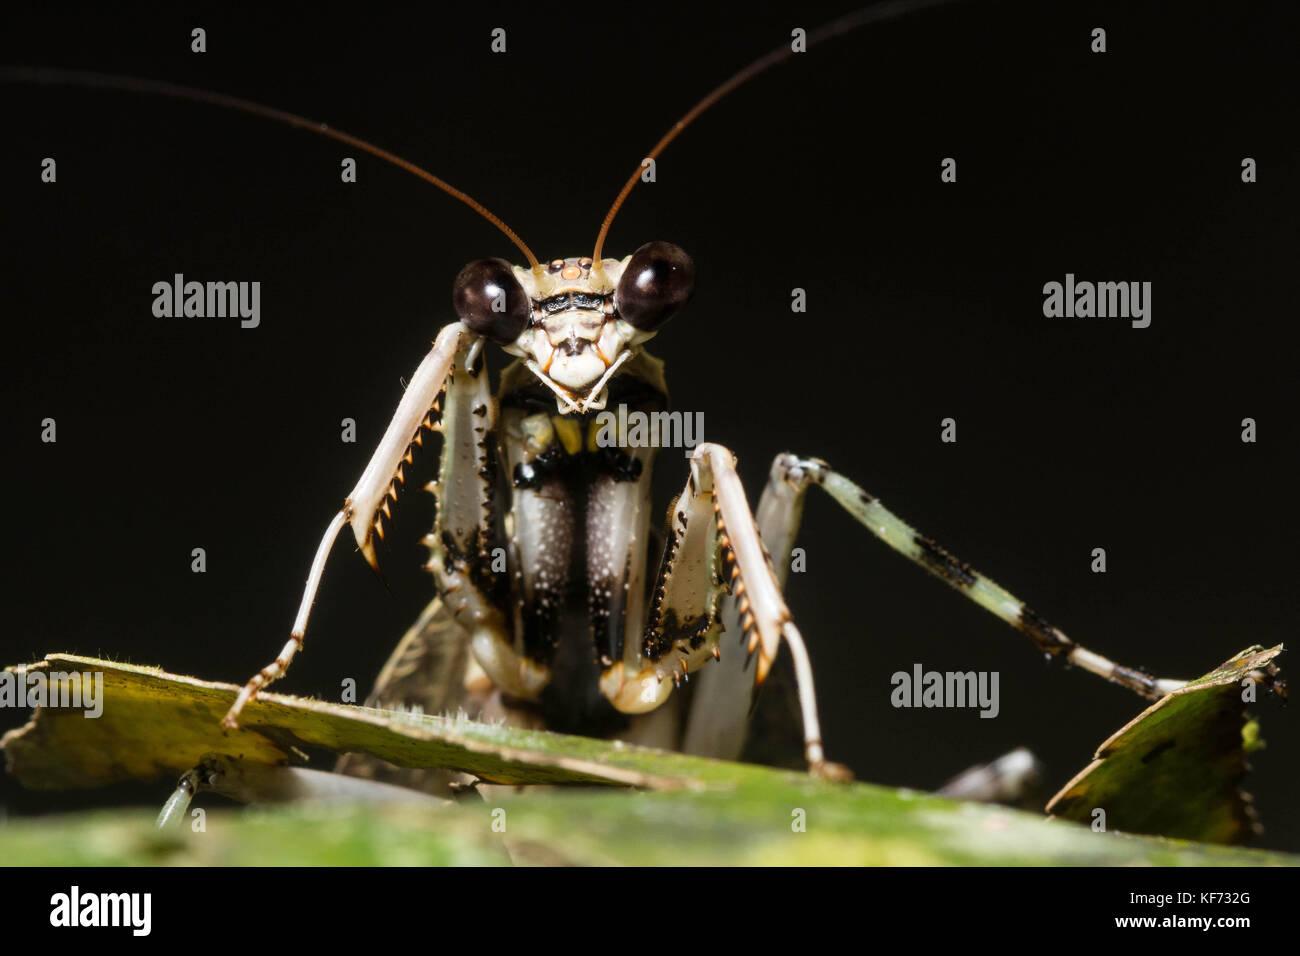 Eine flechte Mantis (Theopompa sp.) von Borneo. Stockbild